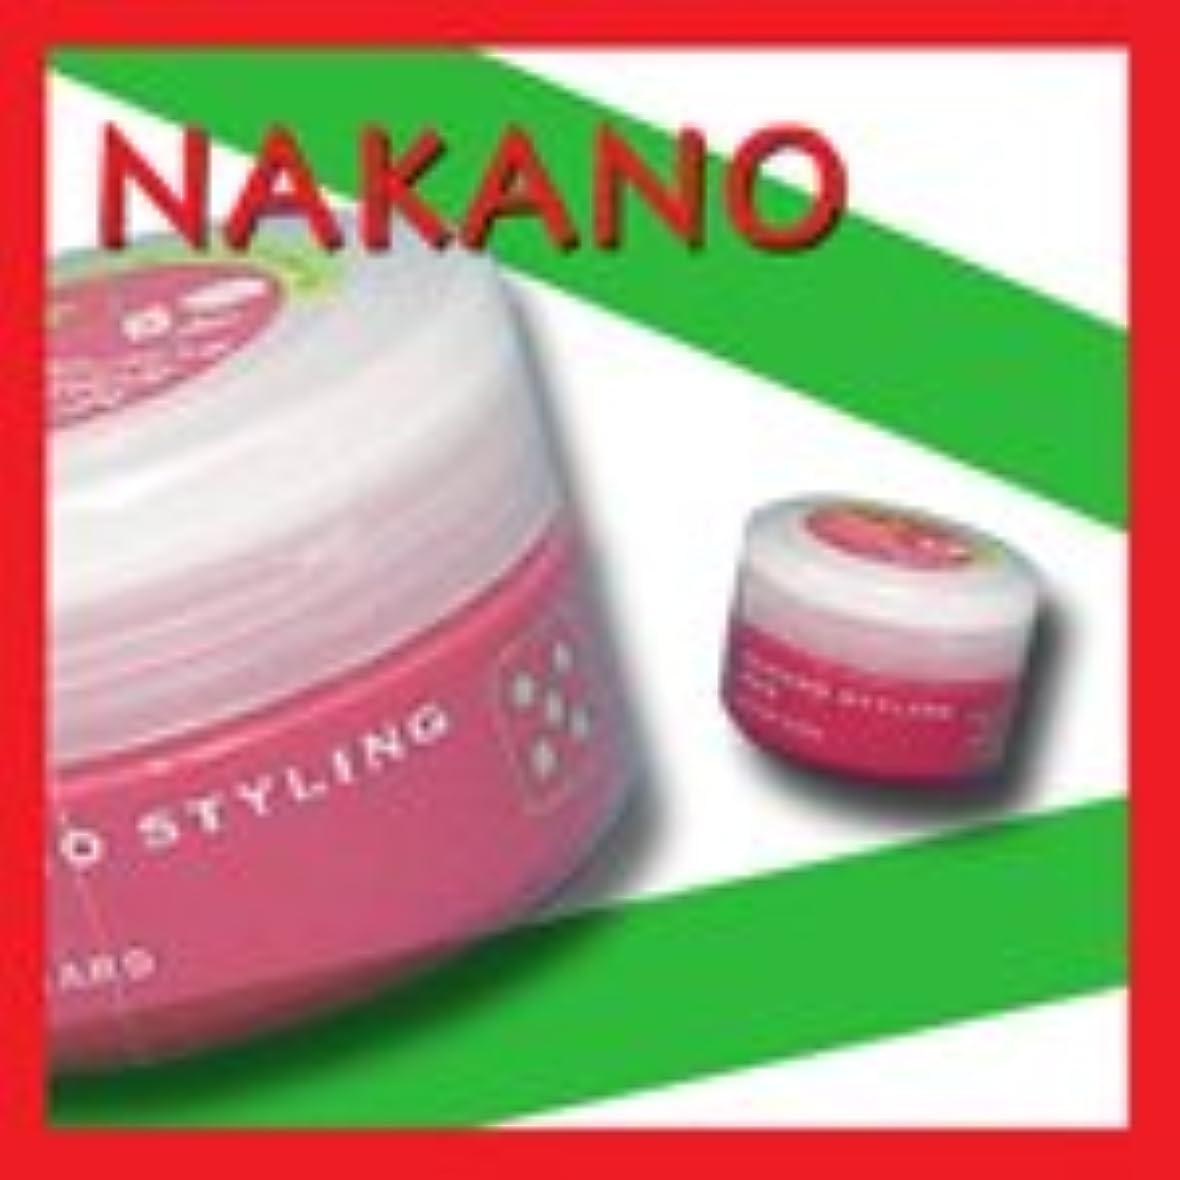 NAKANO ナカノ WAX no5 (NAKANO ナカノ スタイリング ワックス)